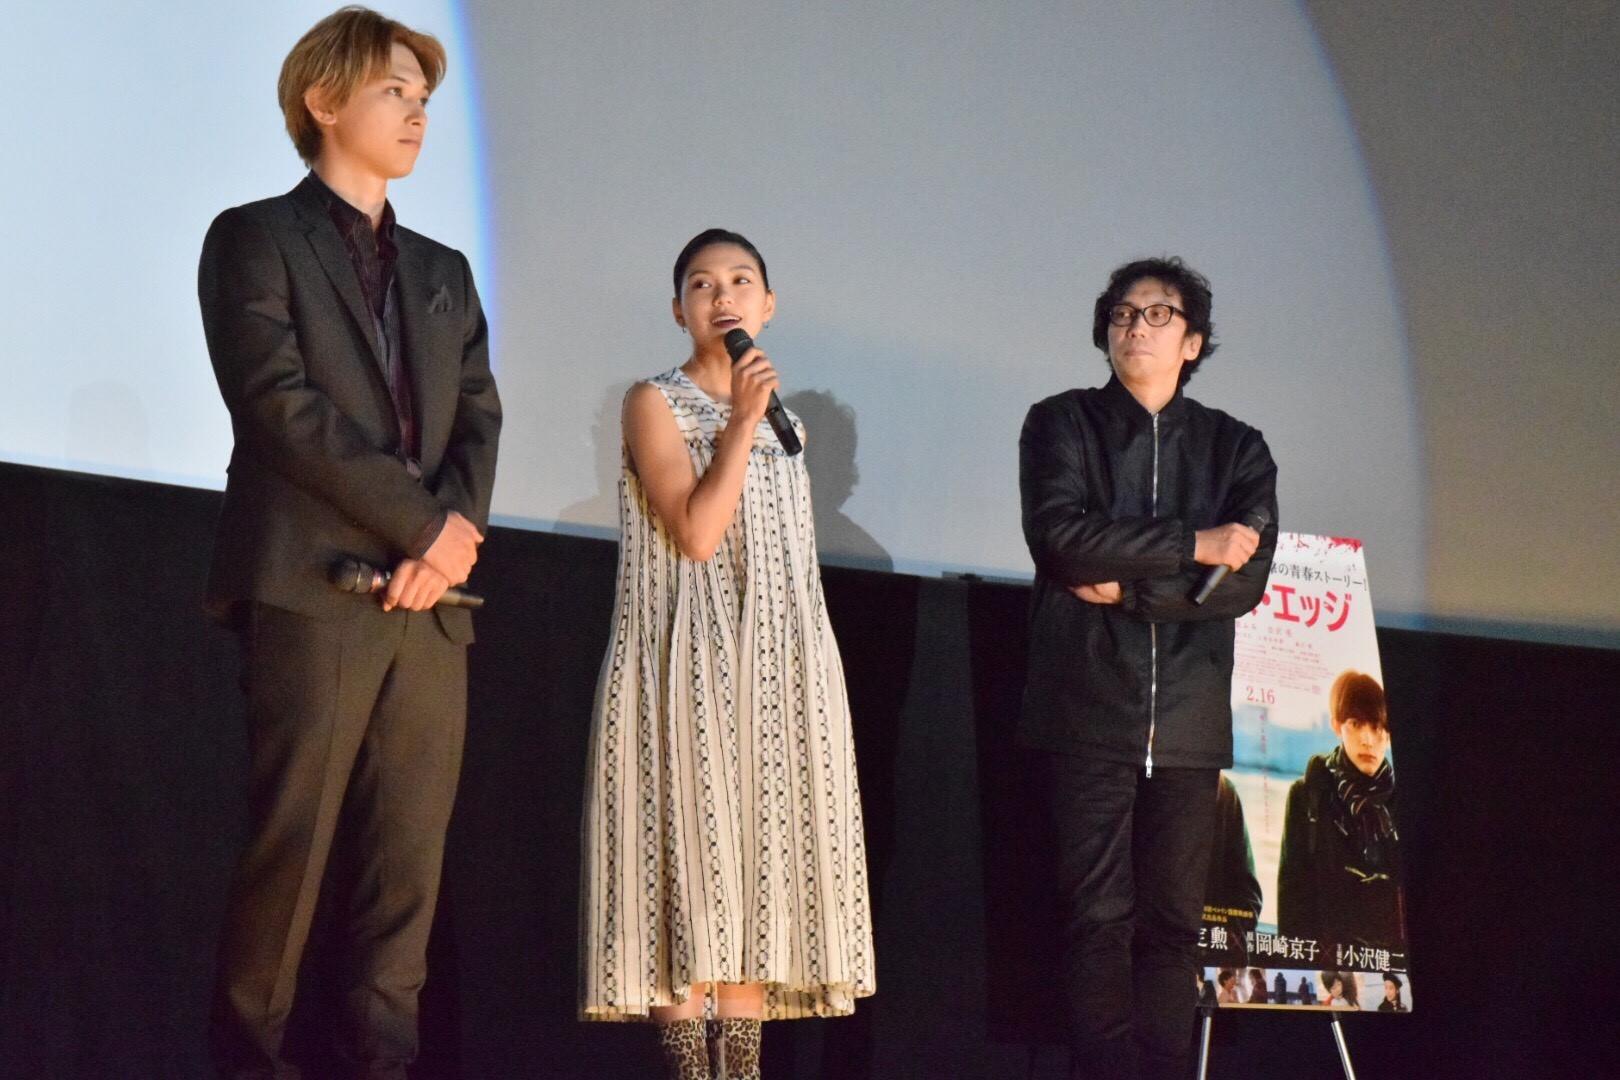 左から、吉沢亮、二階堂ふみ、行定勲監督